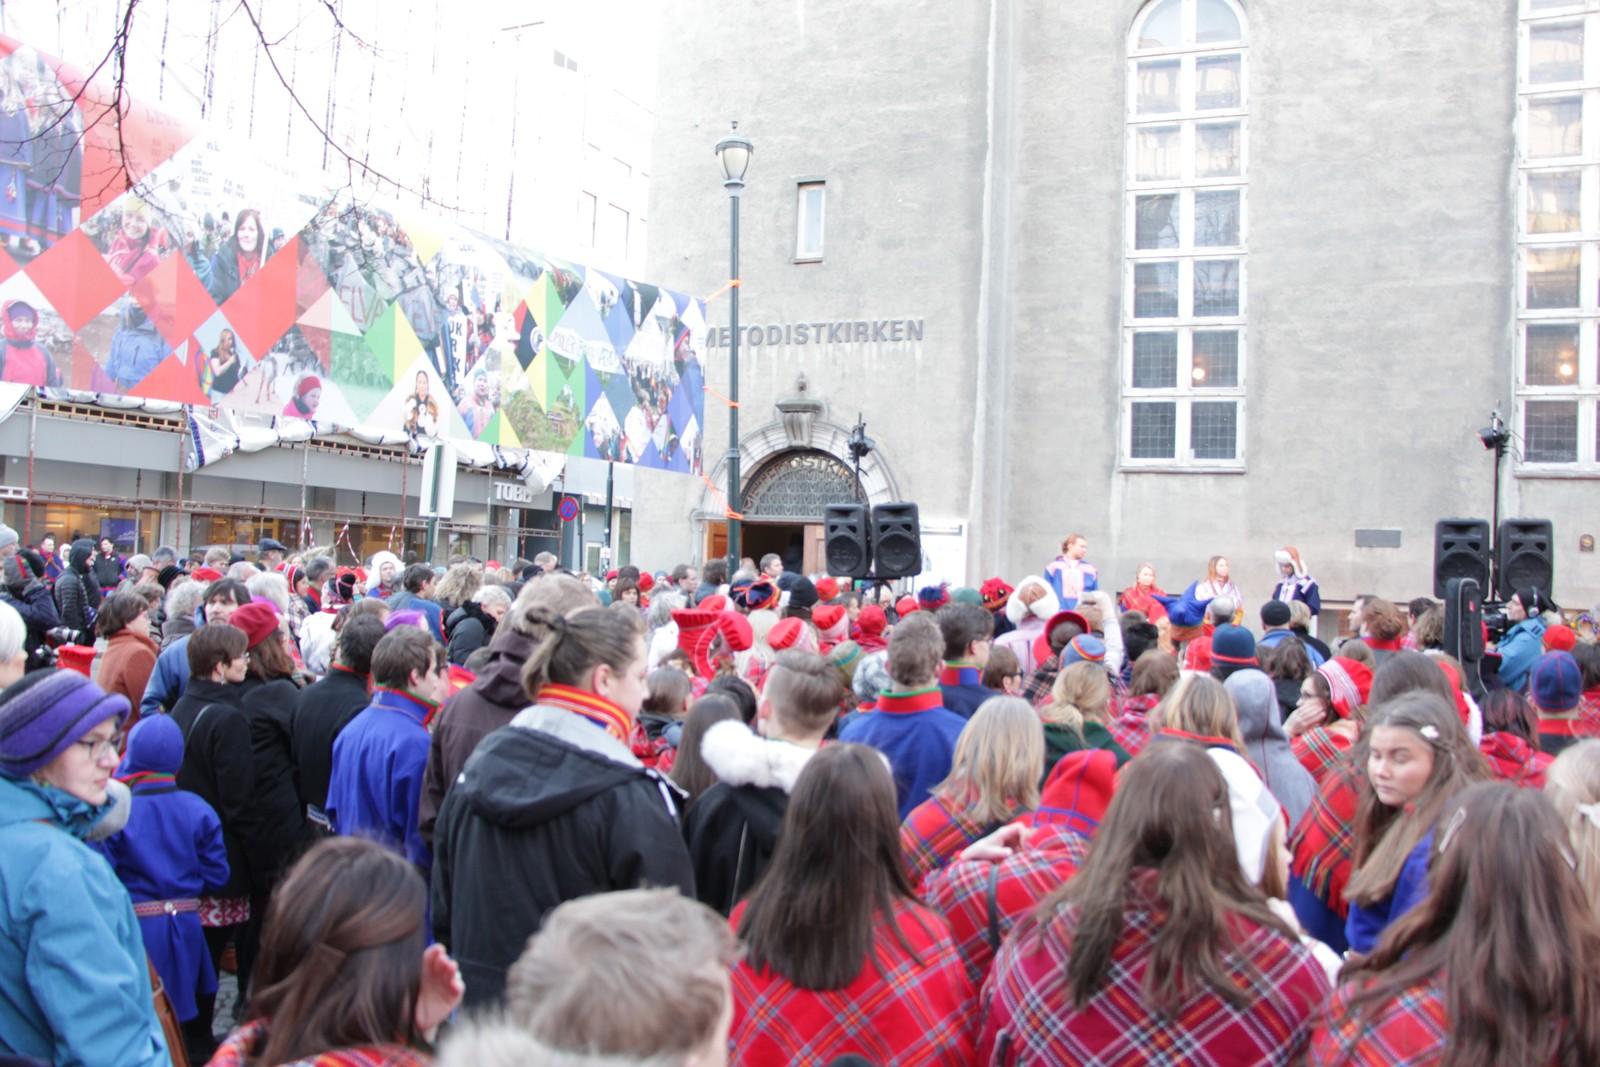 For nøyaktig 100 år siden åpnet det samiske allmøtet initiert av Elsa Laula Renberg her, i Metodistkirken i Trondheim. De fire unge samiske veiviserne fikk æren av åpne markeringen.